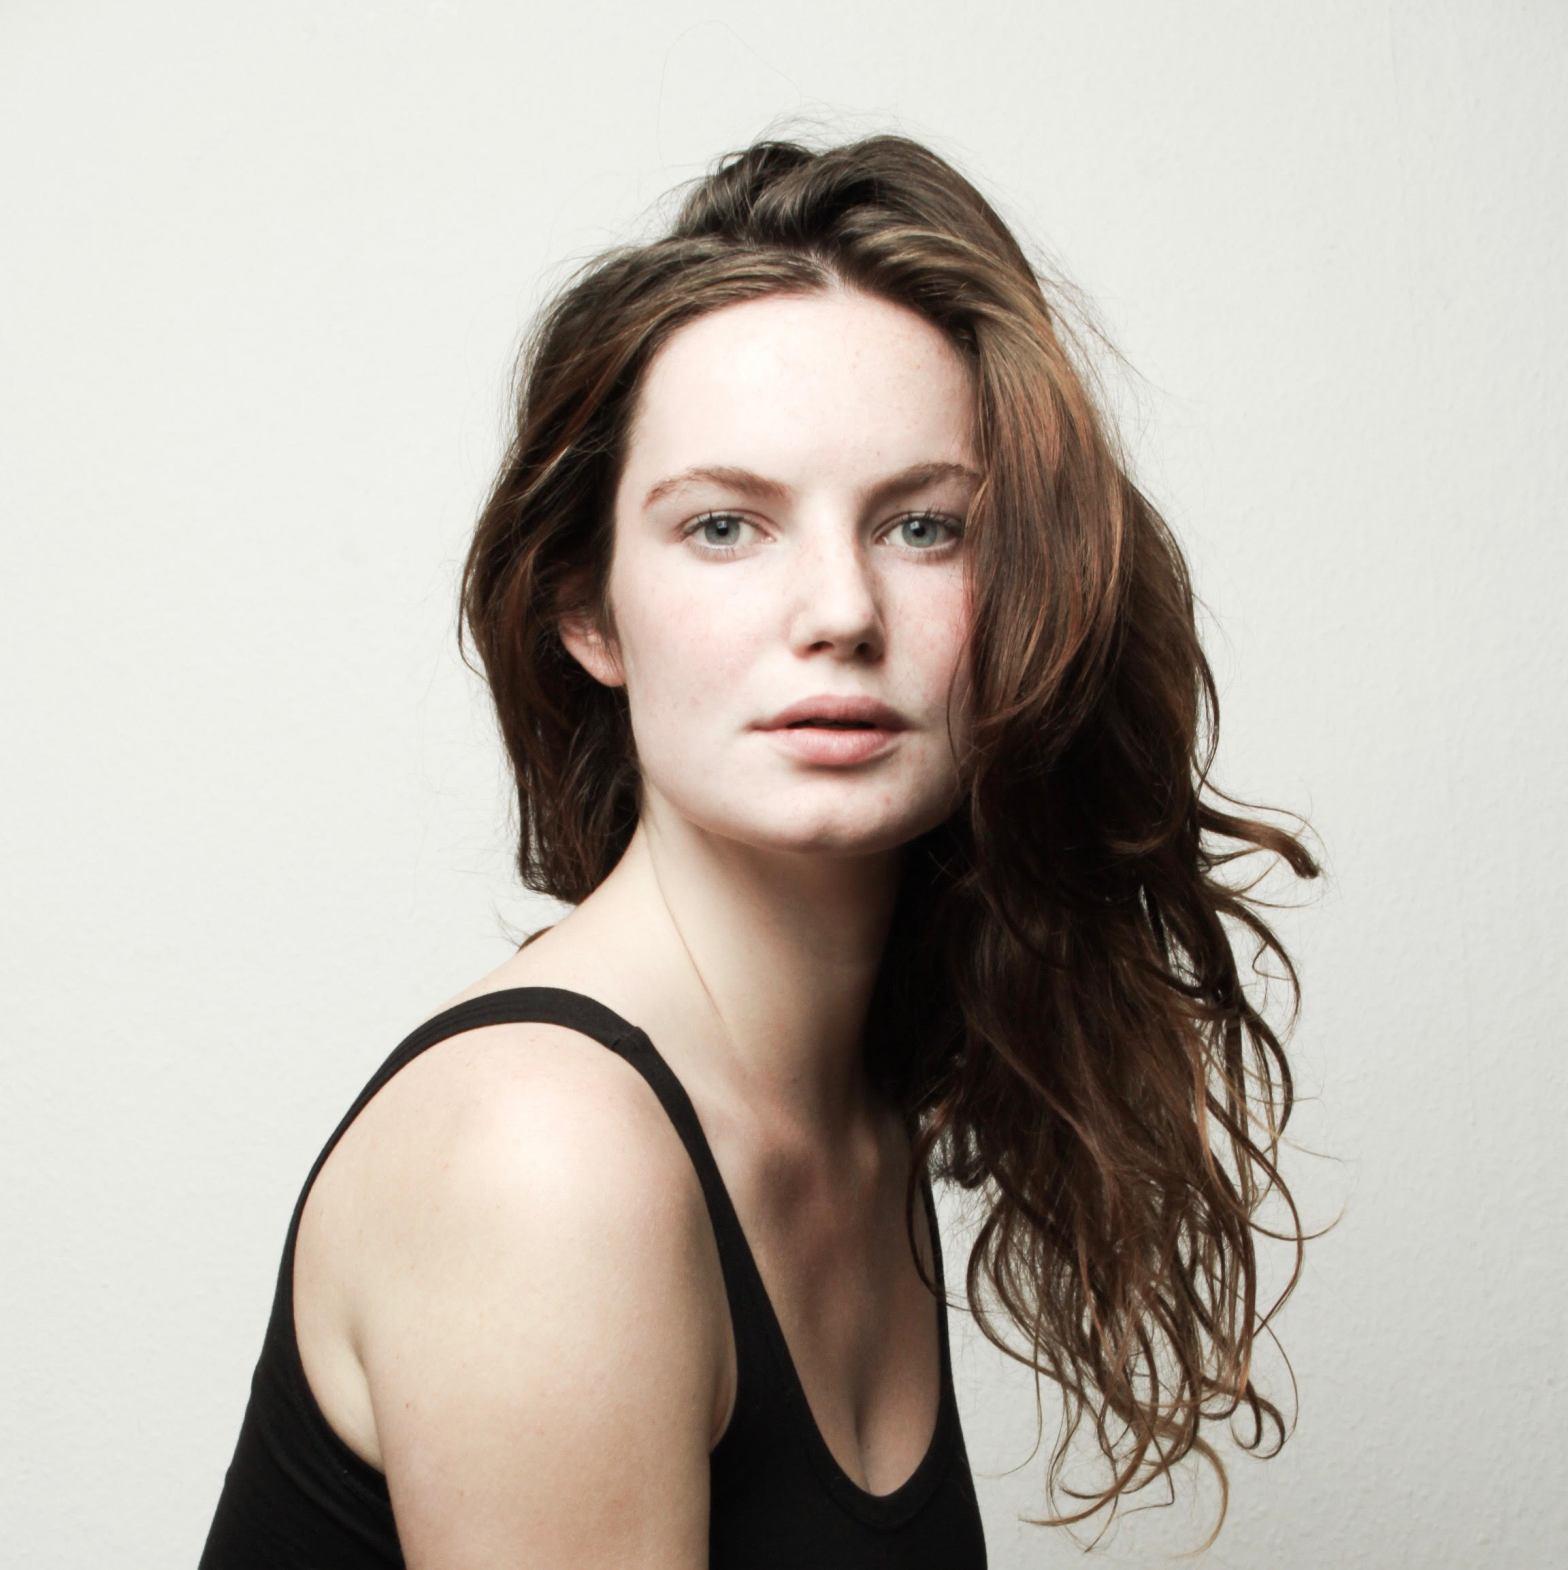 Director's biography: Sarah Blok